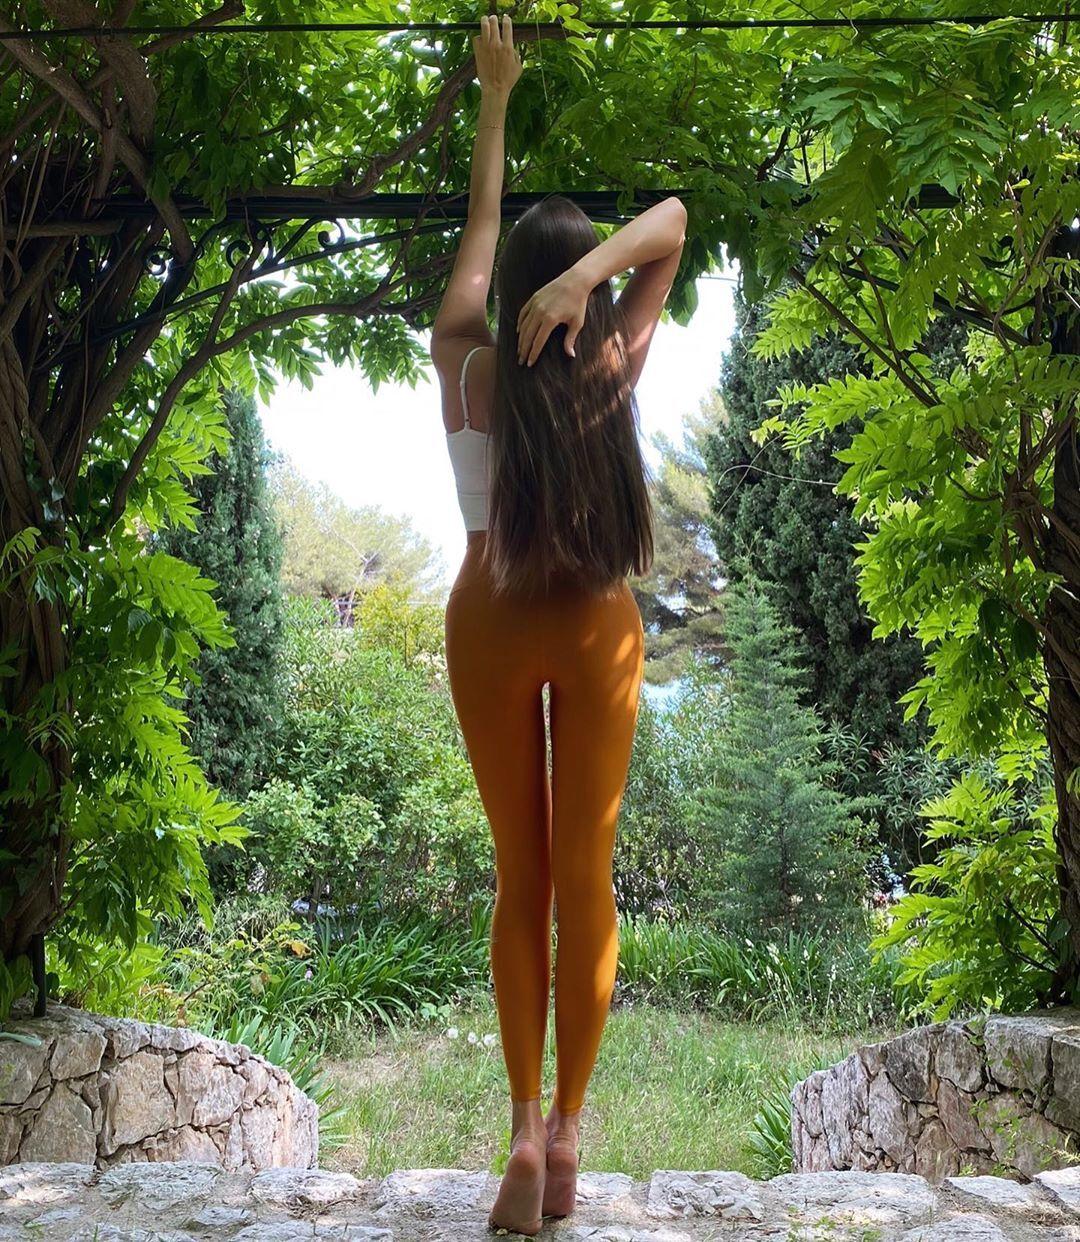 Родившаяся в Киеве олимпийская чемпионка выложила фото в бикини и вызвала споры